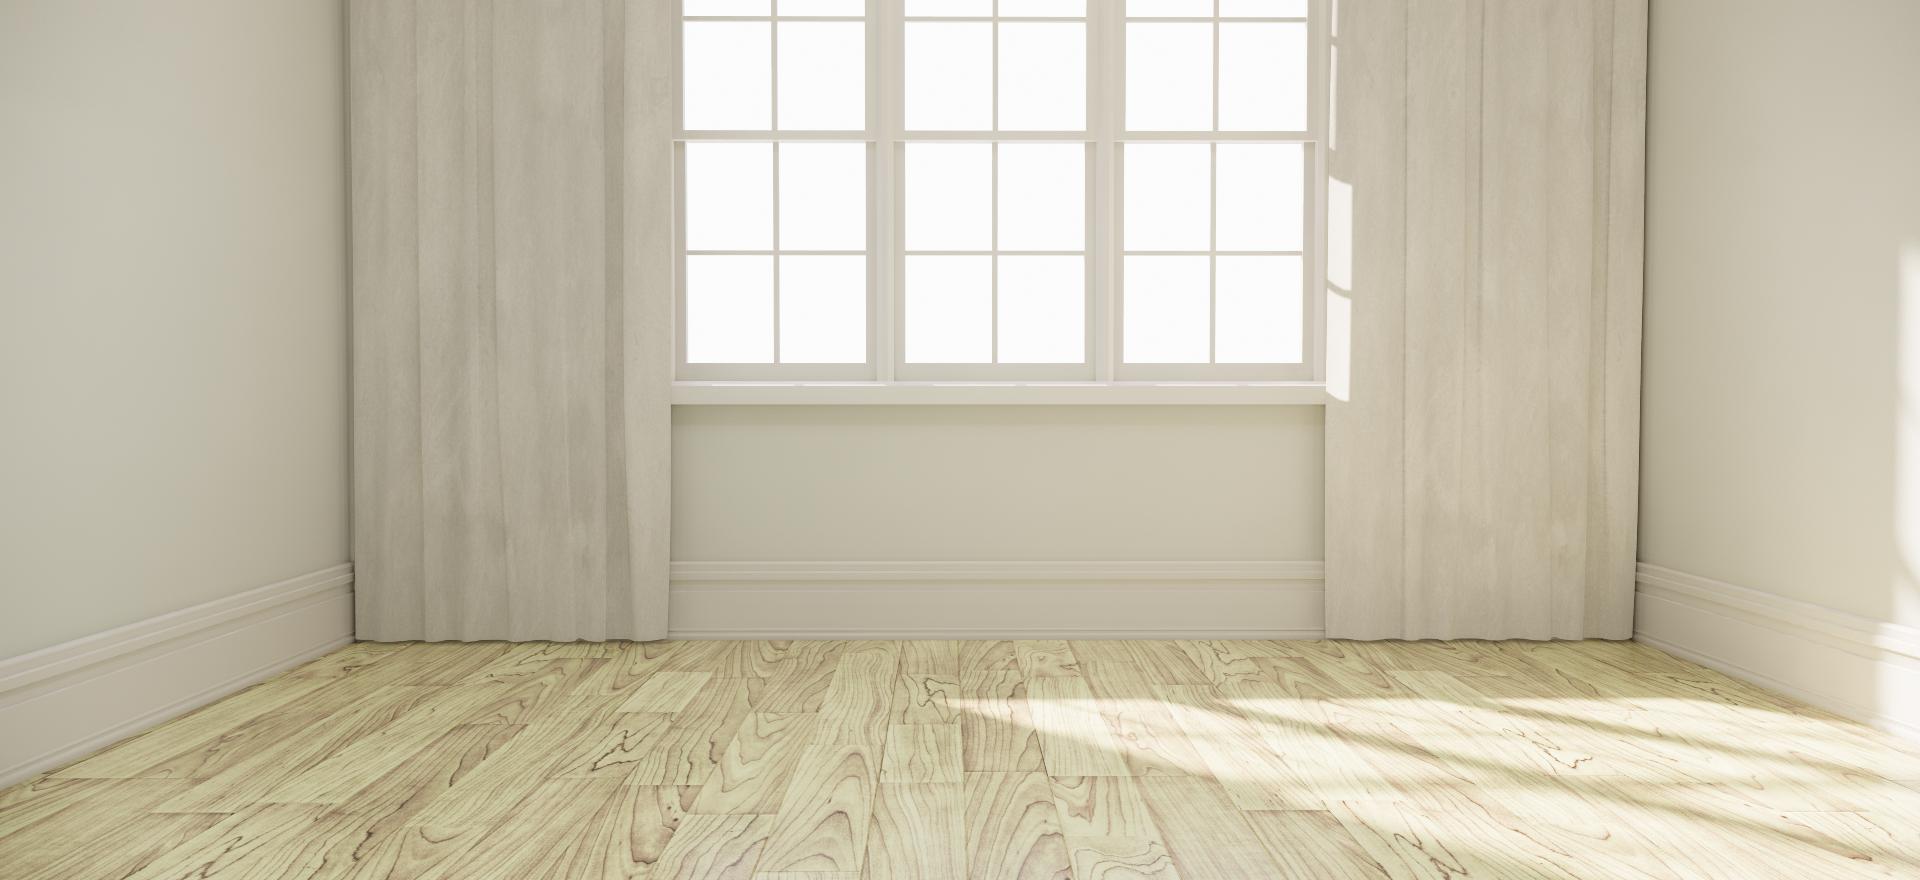 Wood Flooring 05.png